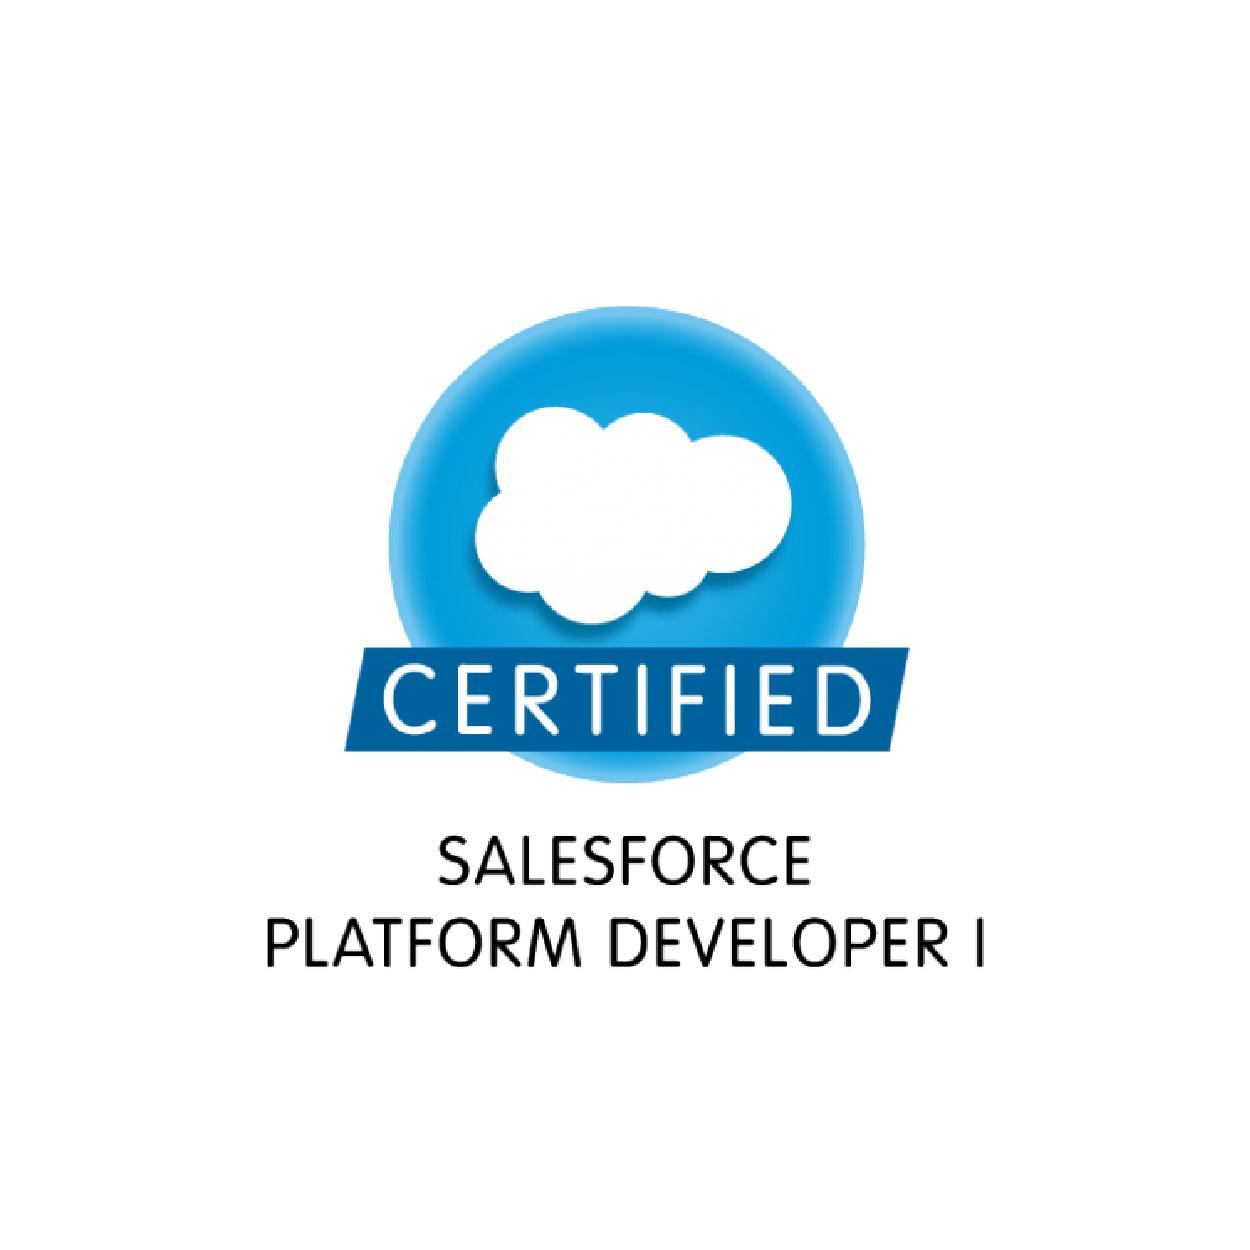 salesforce_certified-03.jpg